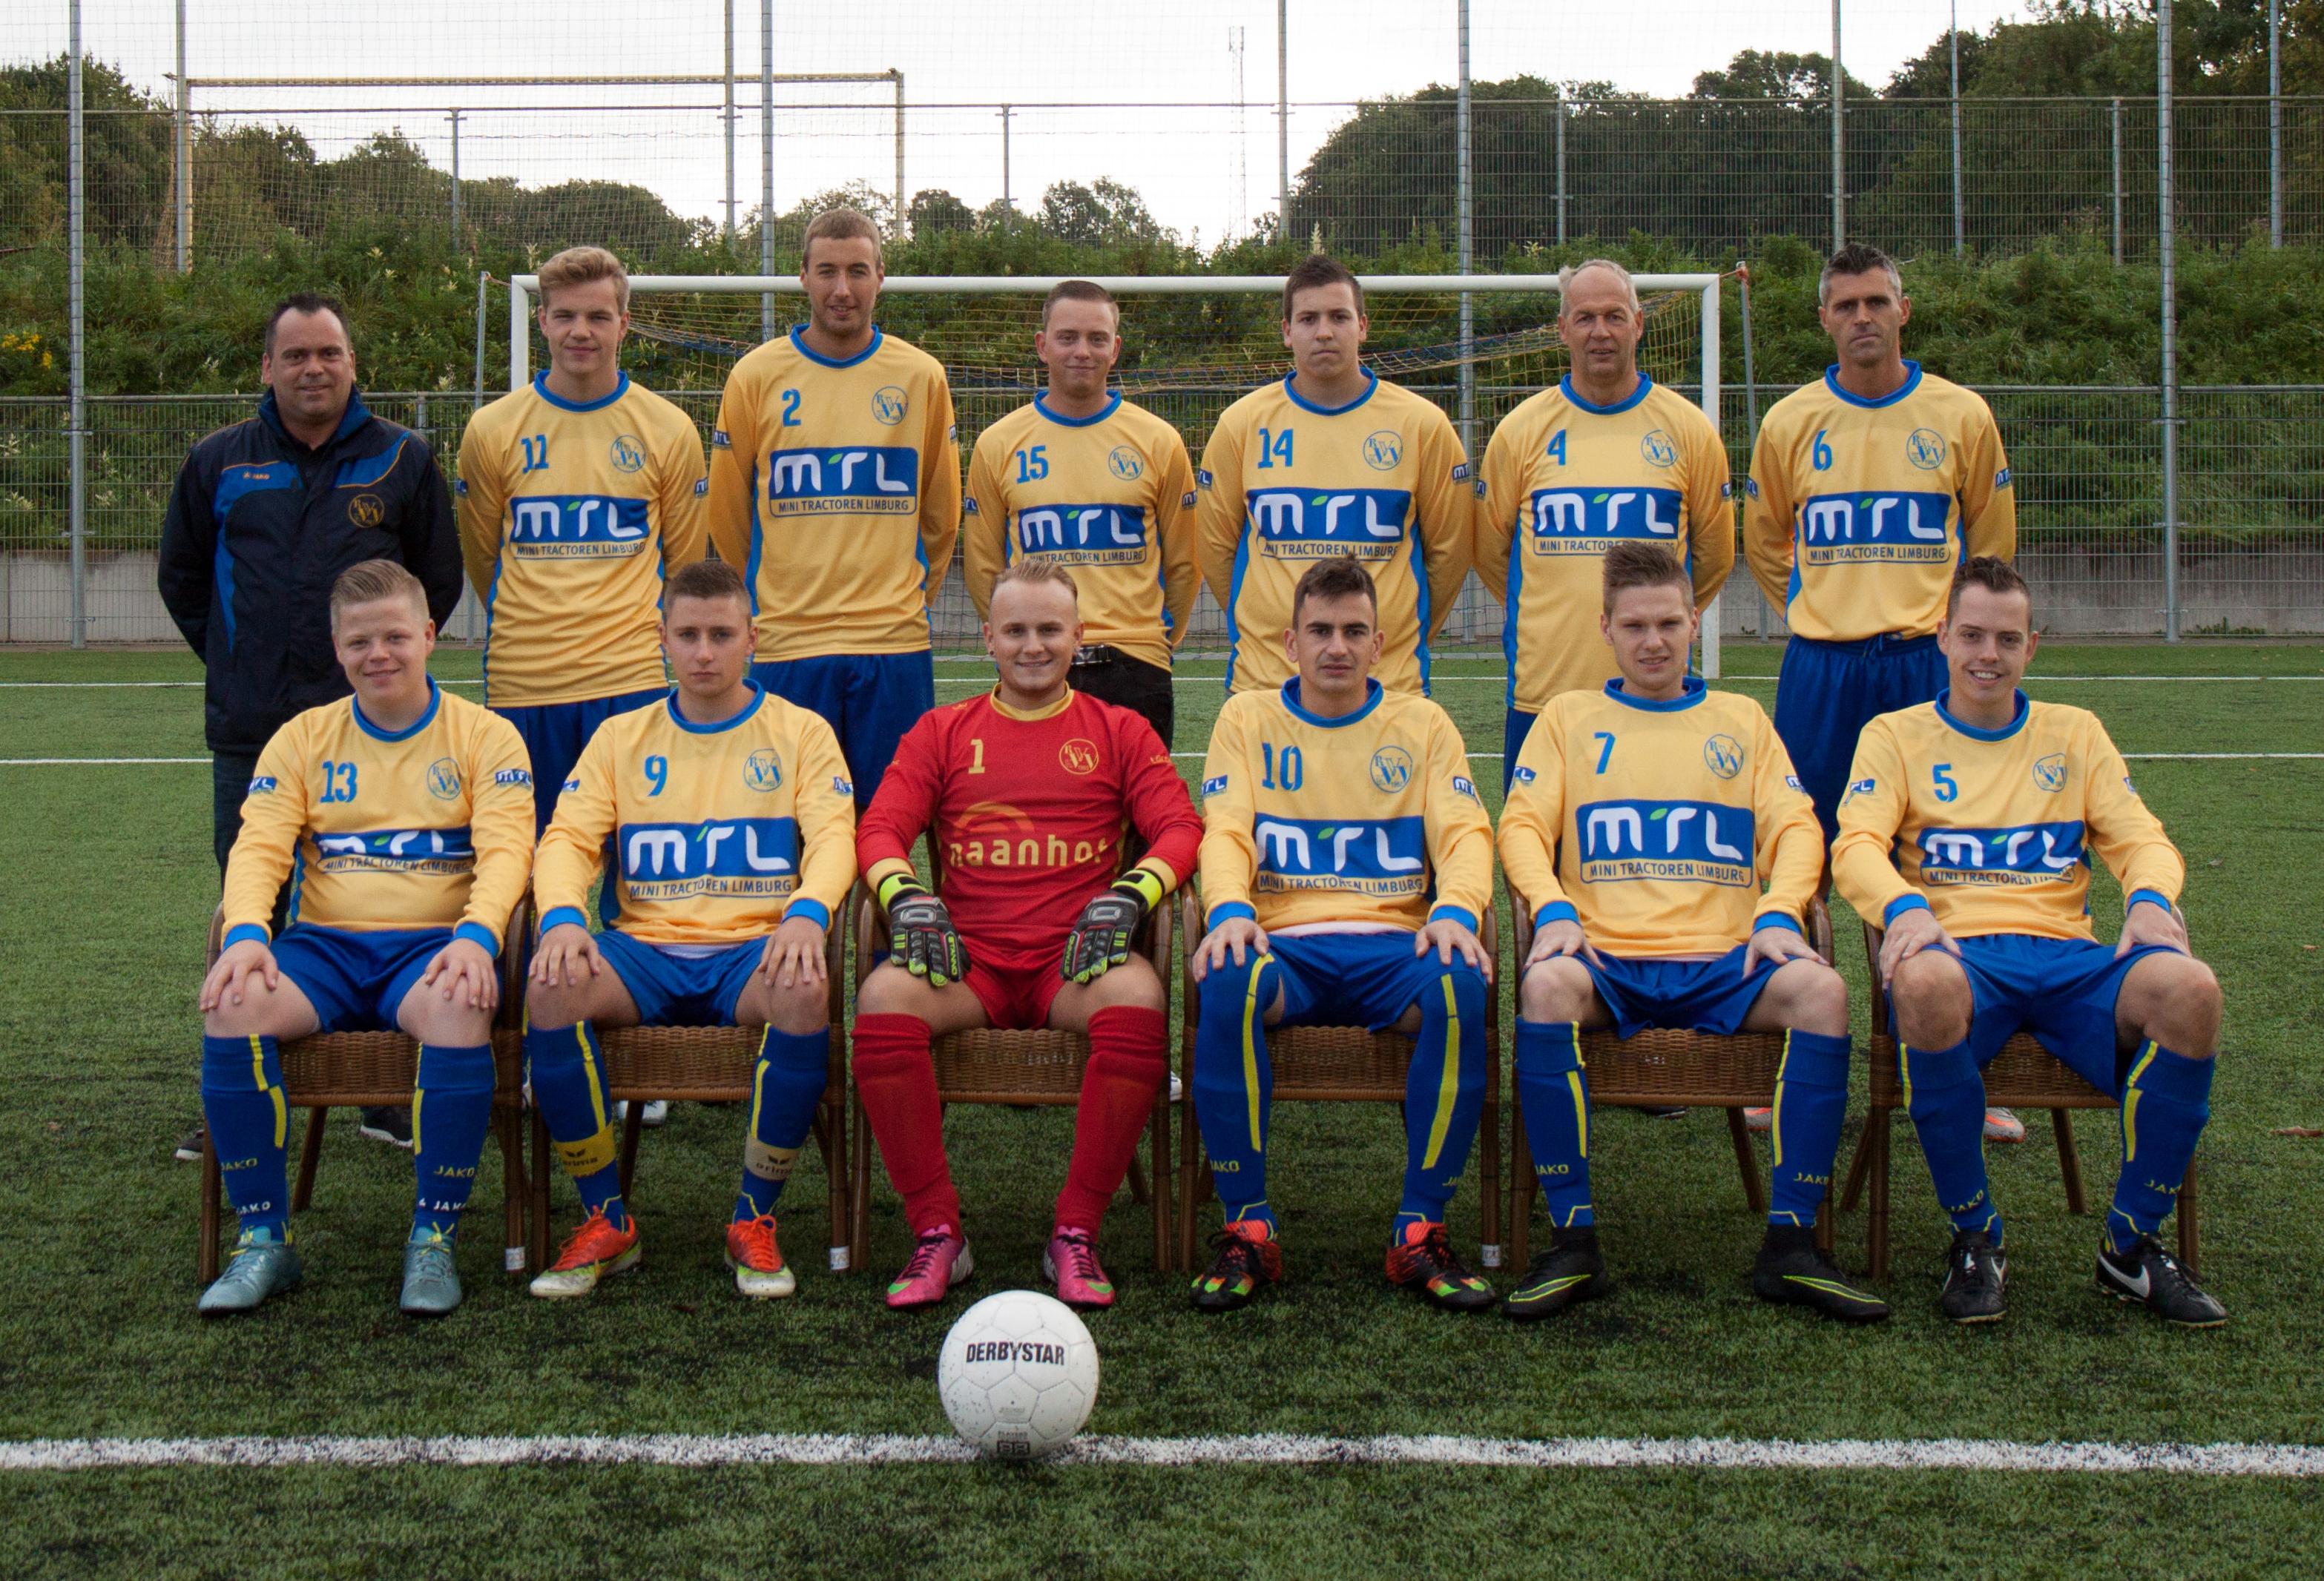 2e-elftal-seizoen-2016-2017